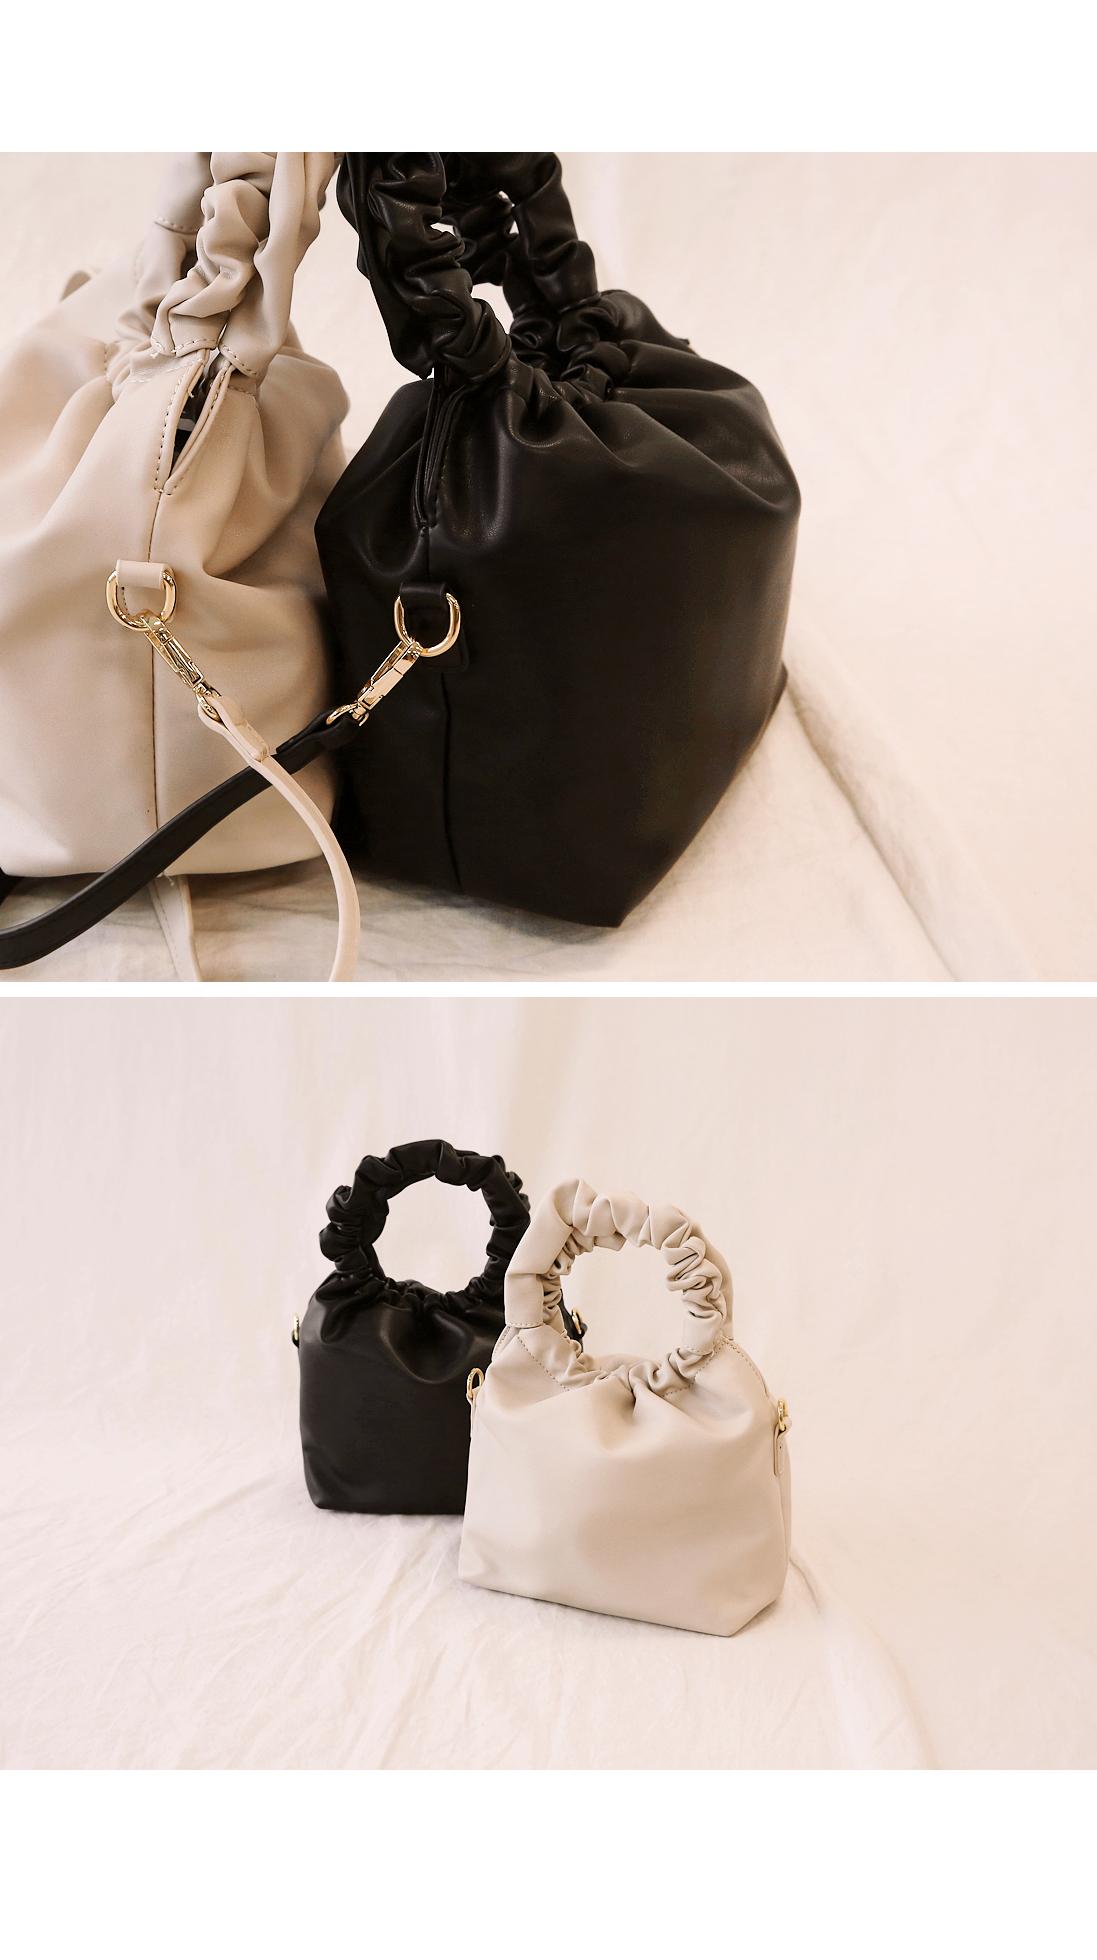 [BAG] WRINKLE SOFT LEATHER BAG